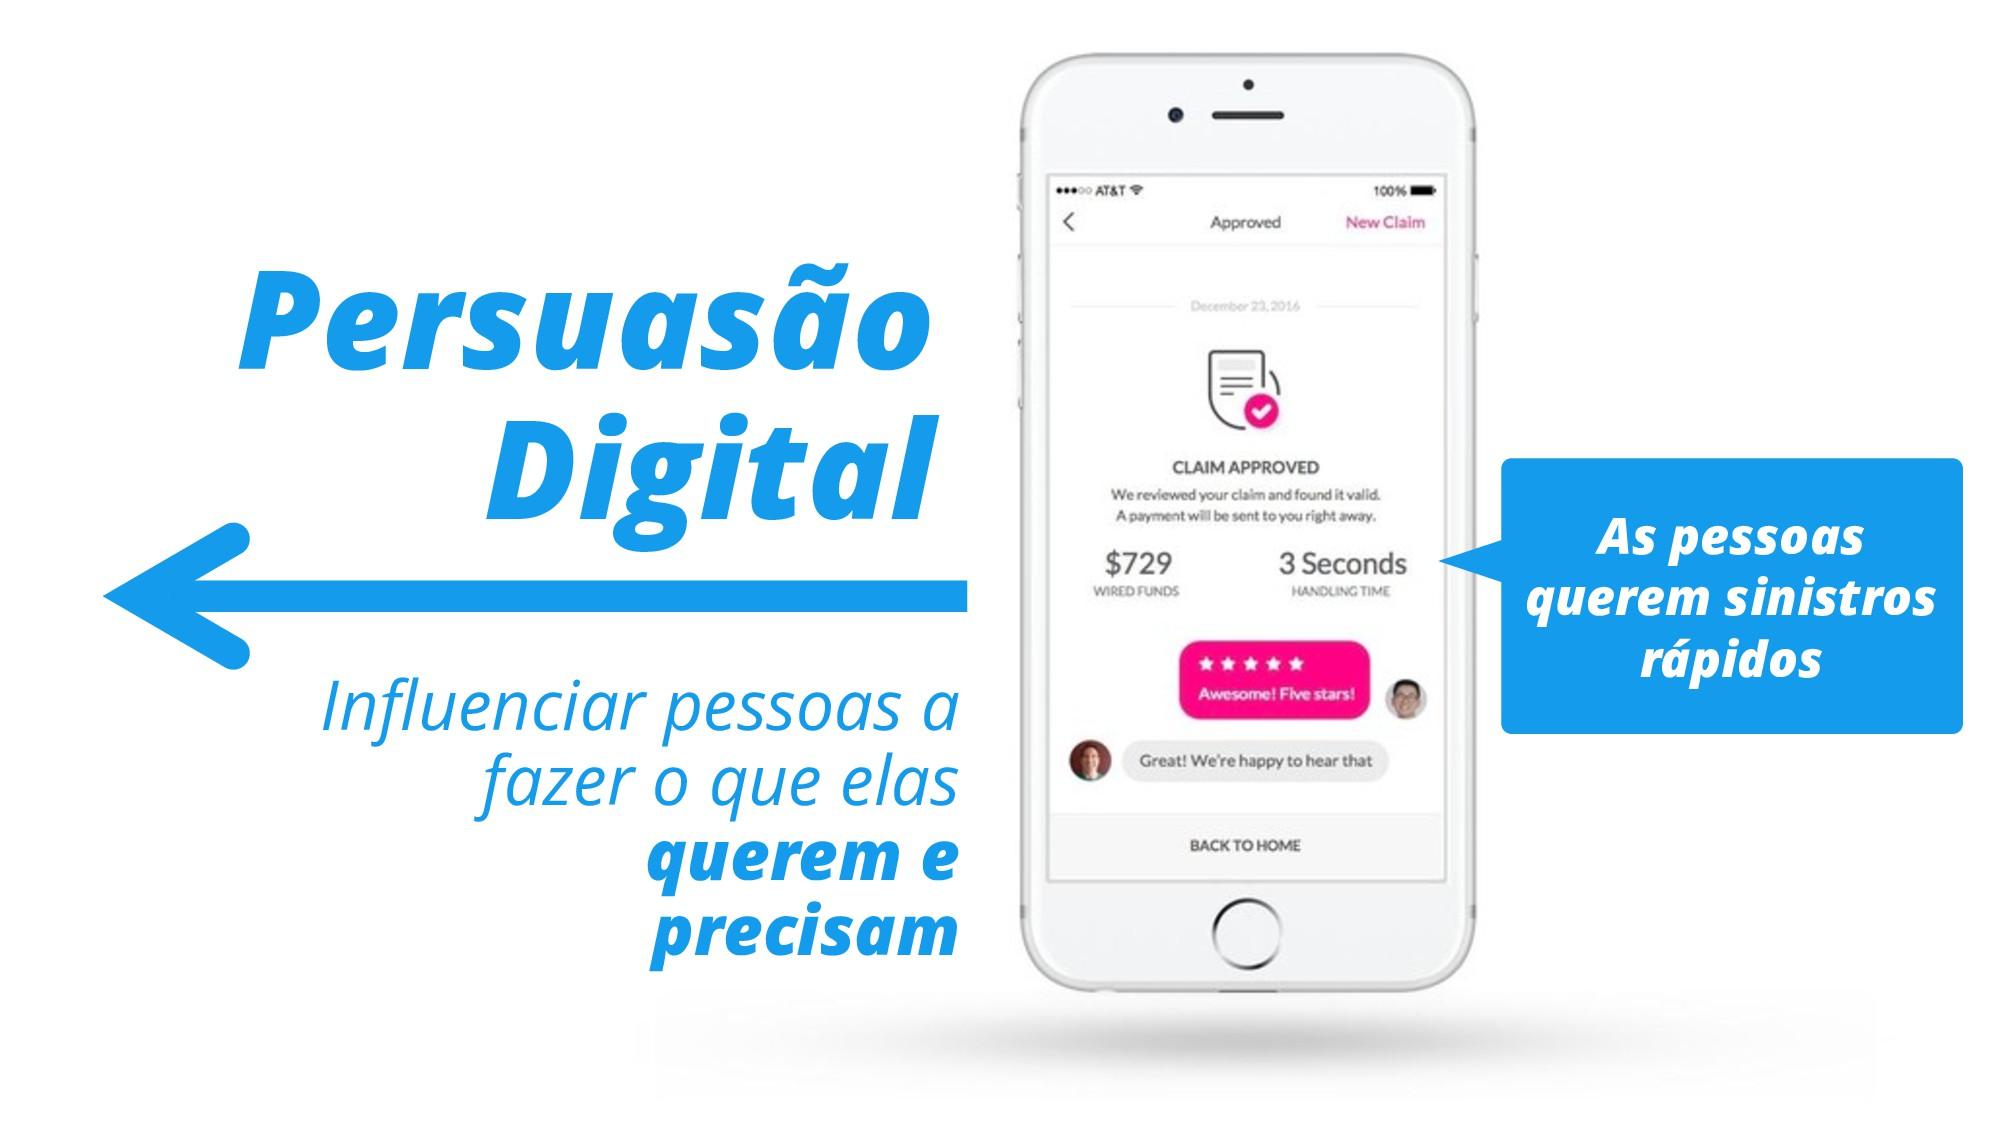 Persuasão Digital Influenciar pessoas a fazer o...